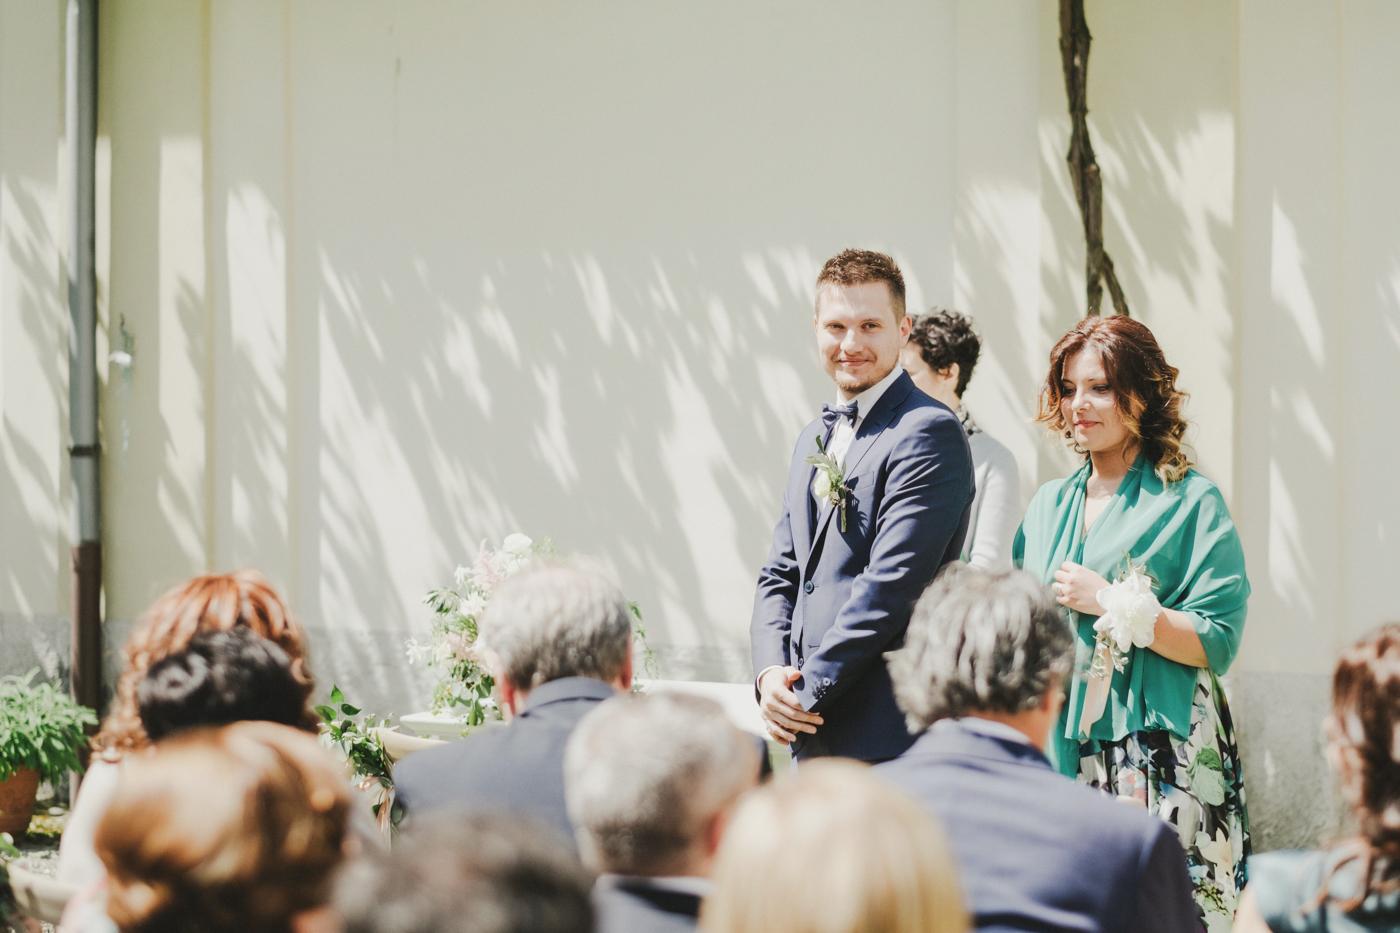 fotografo matrimonio como-34.jpg